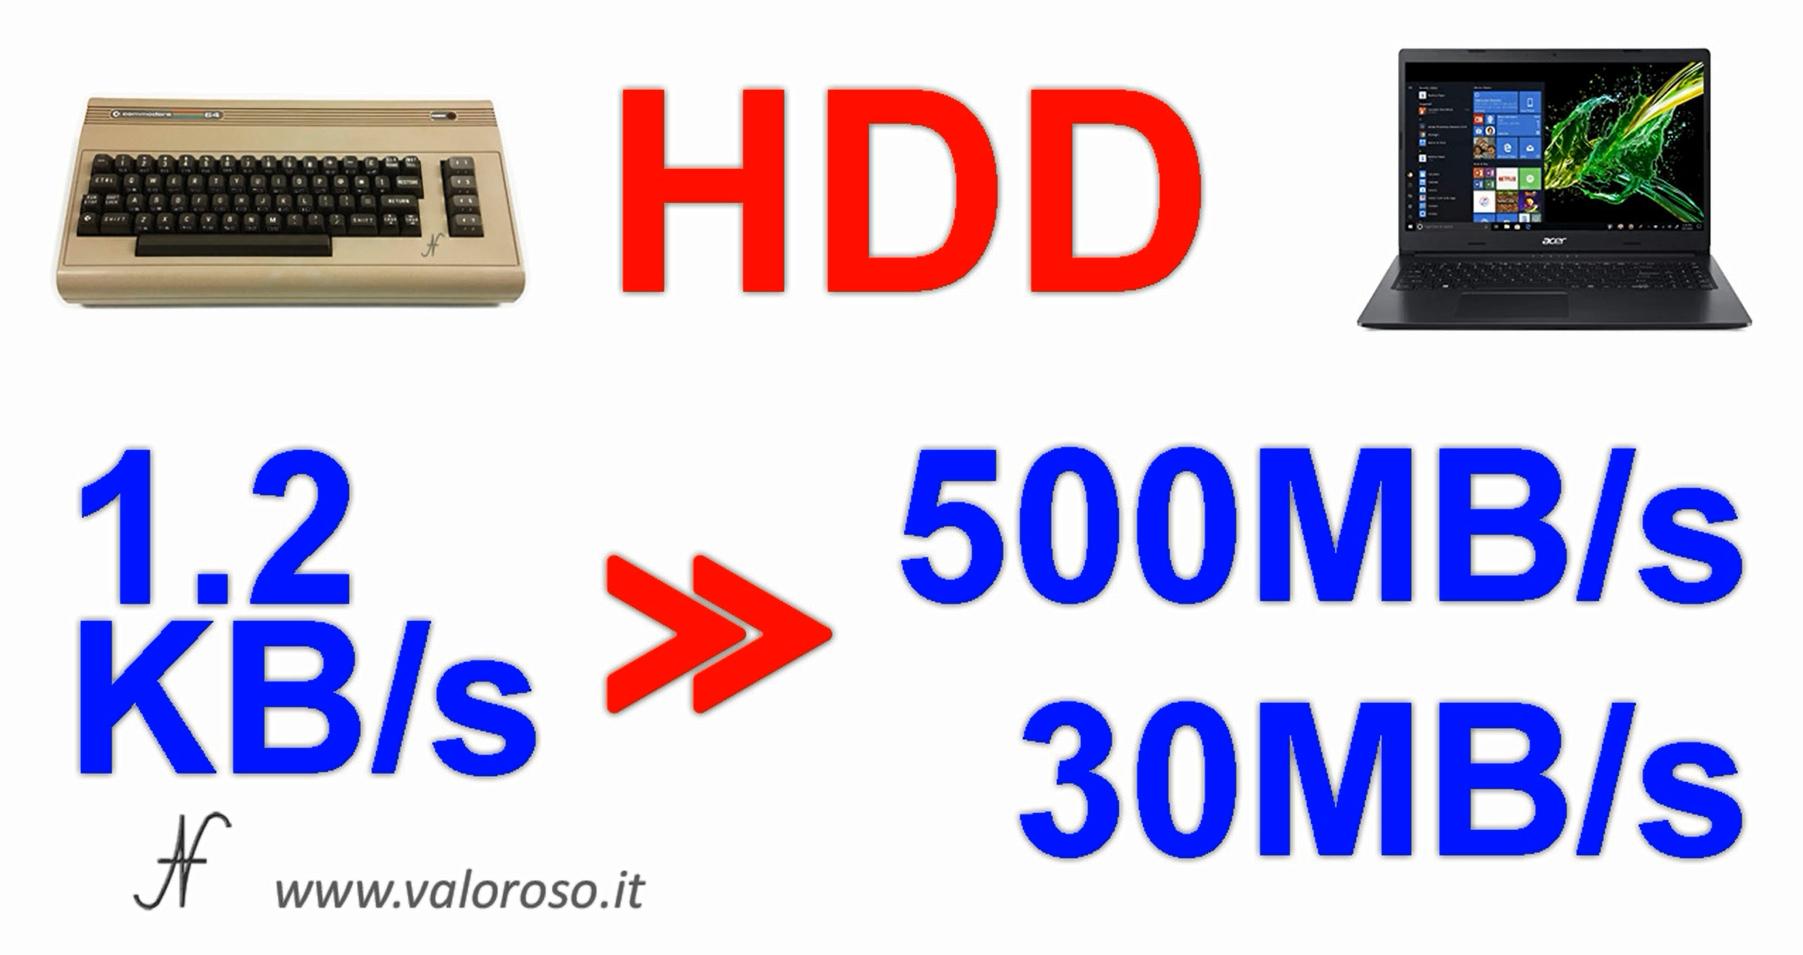 Commodore Vs PC moderno, confronto velocita HDD hard disk SSD